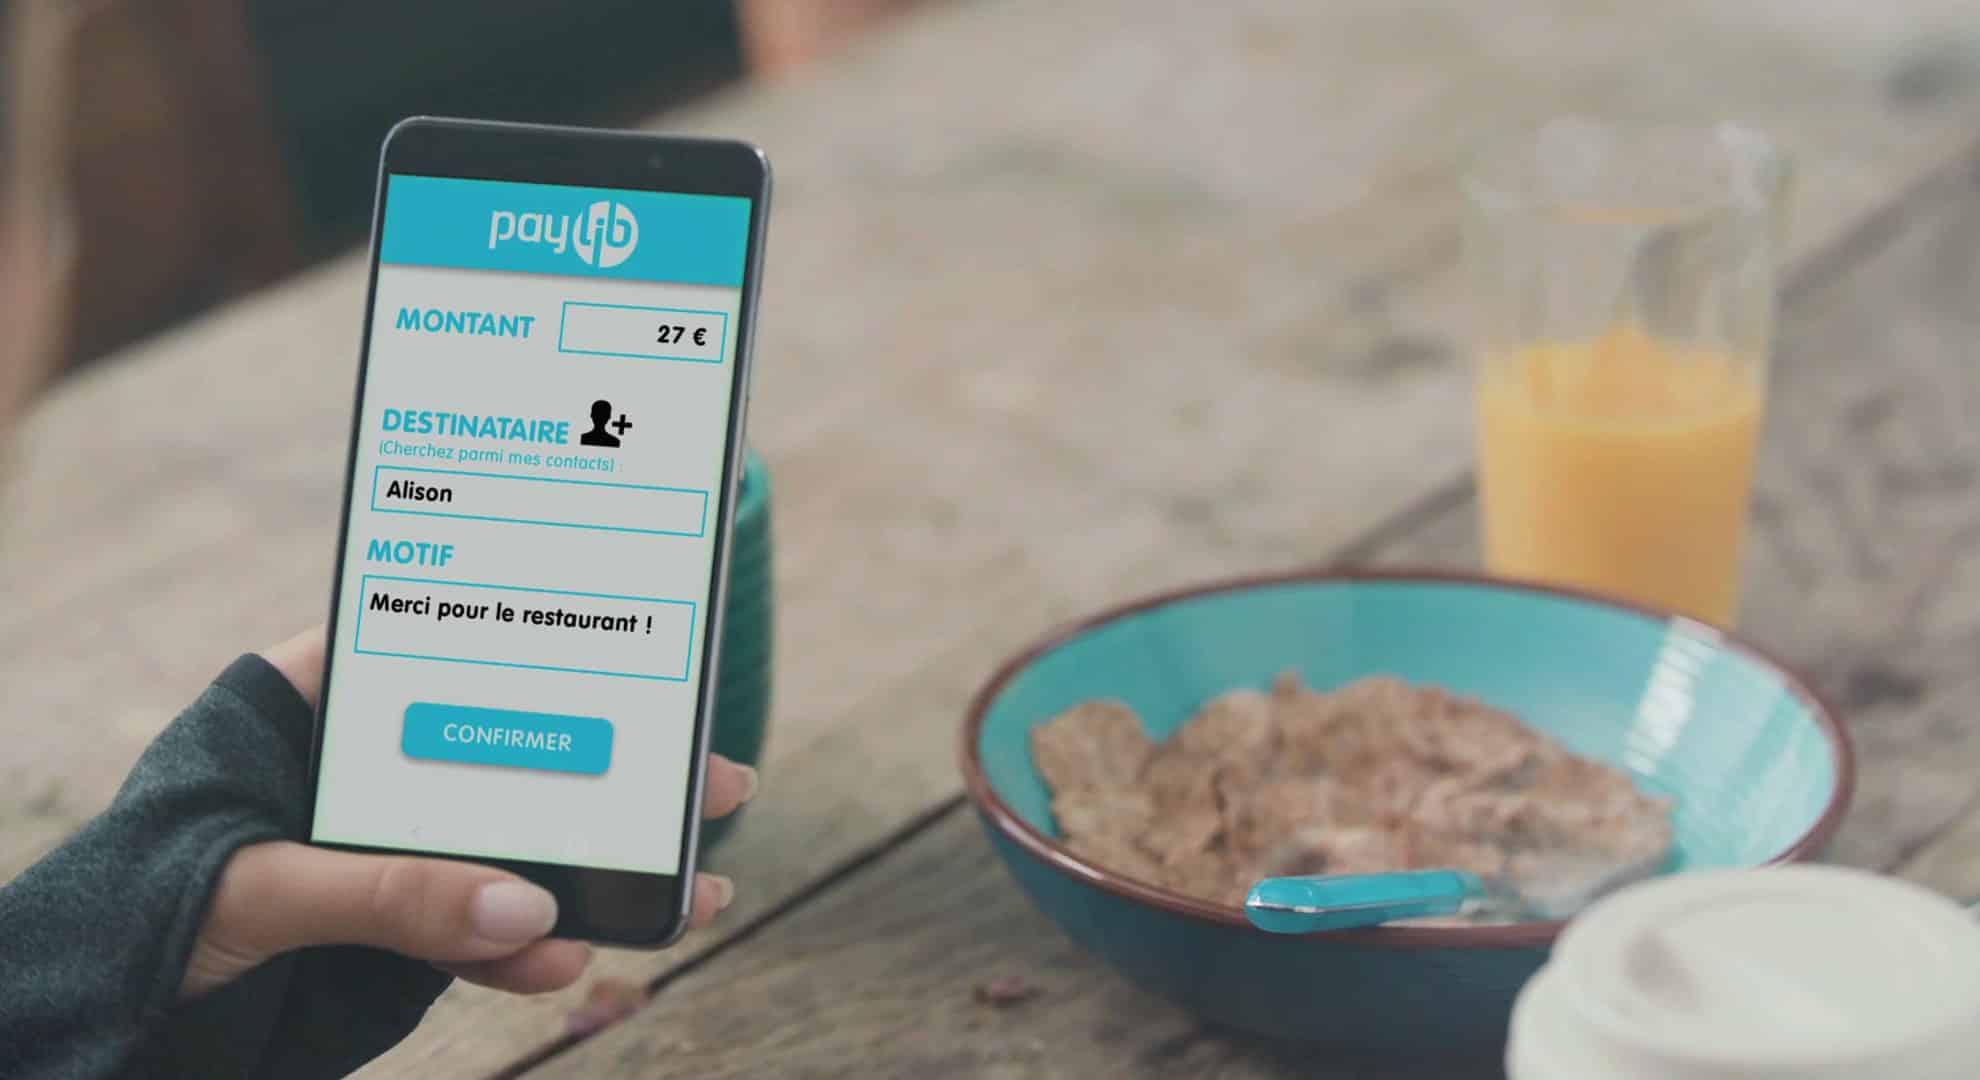 Avis sur Paylib : tout savoir sur ce nouveau moyen de paiement